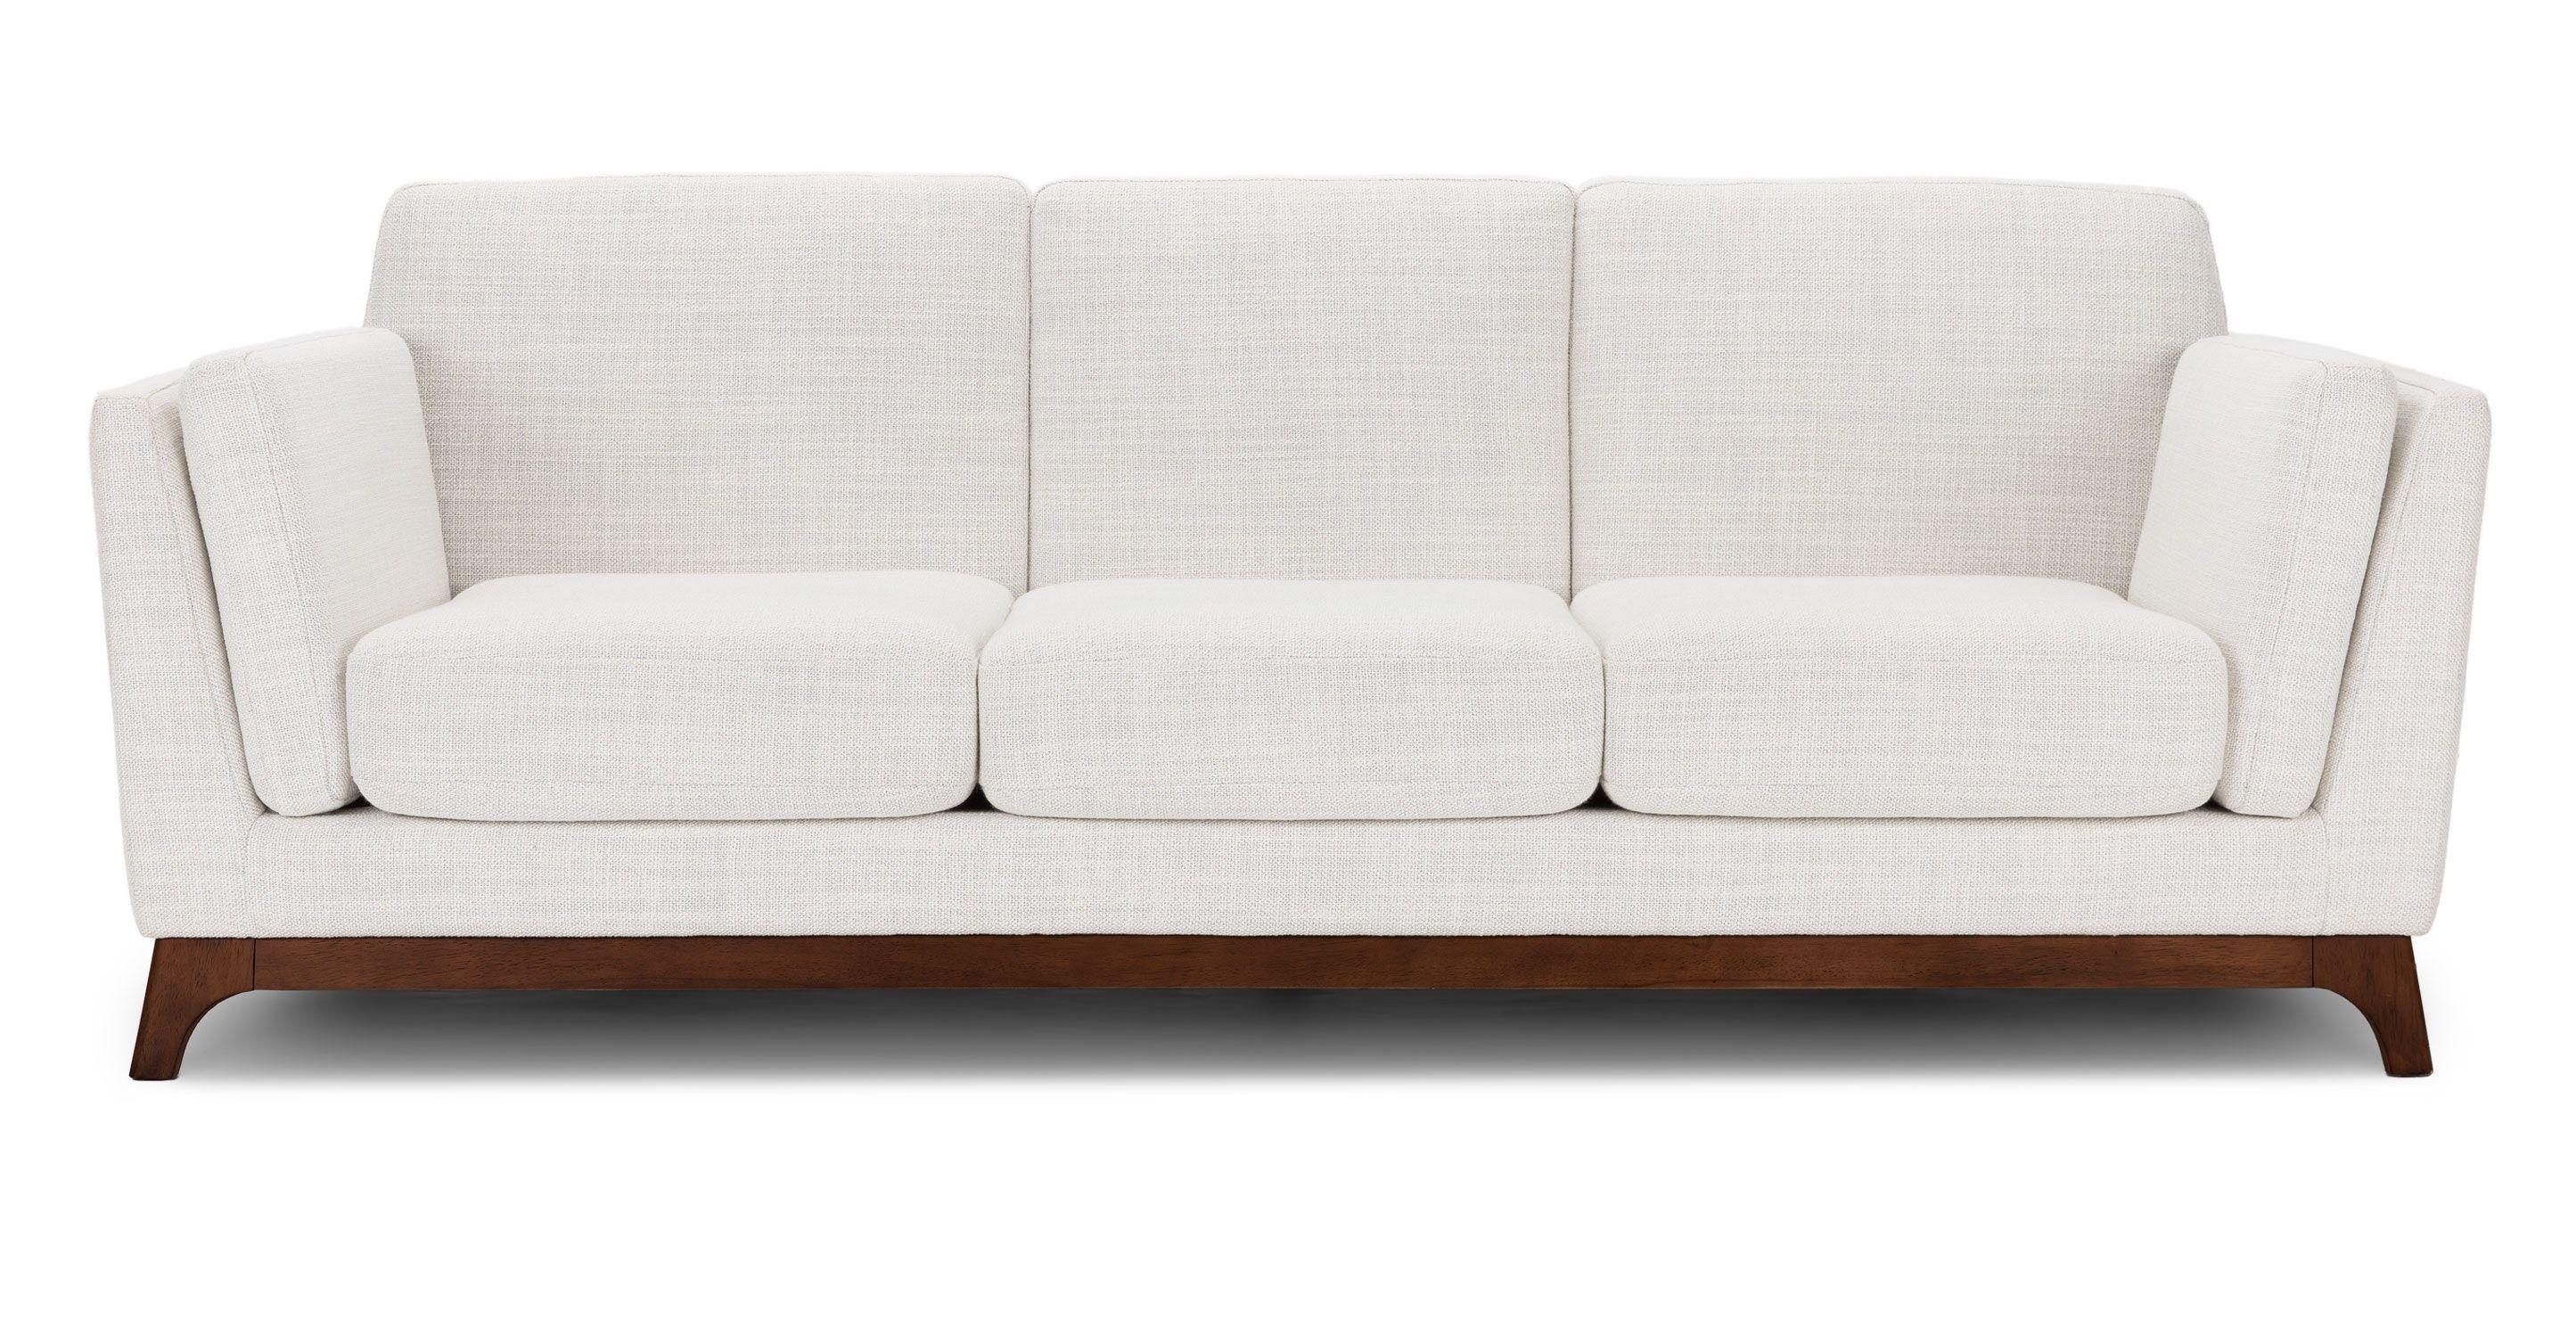 White Sofa Ceni Fresh White SofaCeni Fresh White SofaFresh White Sofa Ceni Fresh White SofaCeni Fresh White Sofa